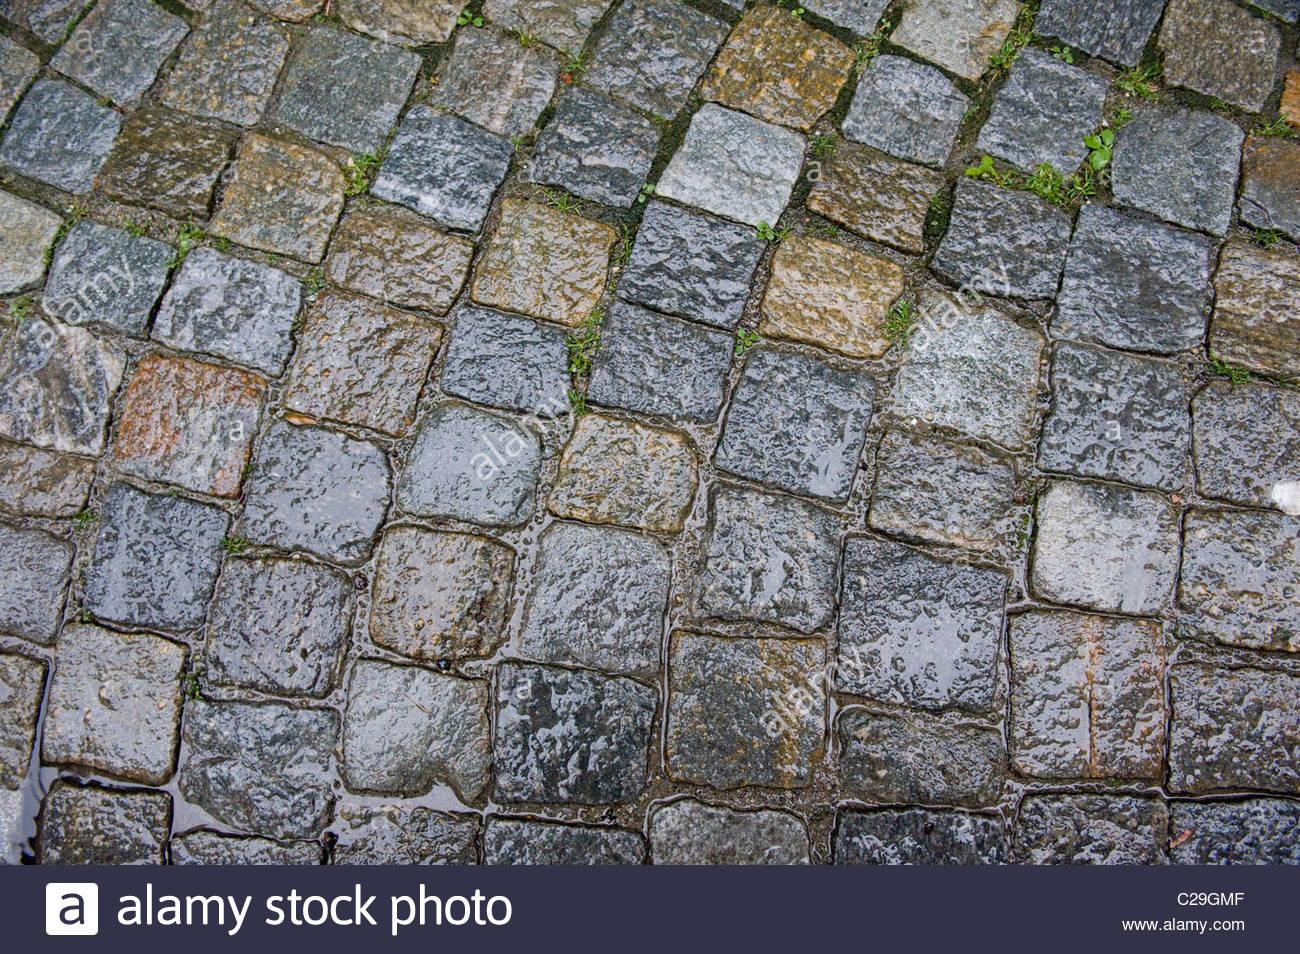 Cobblestones glisten with rain. - Stock Image